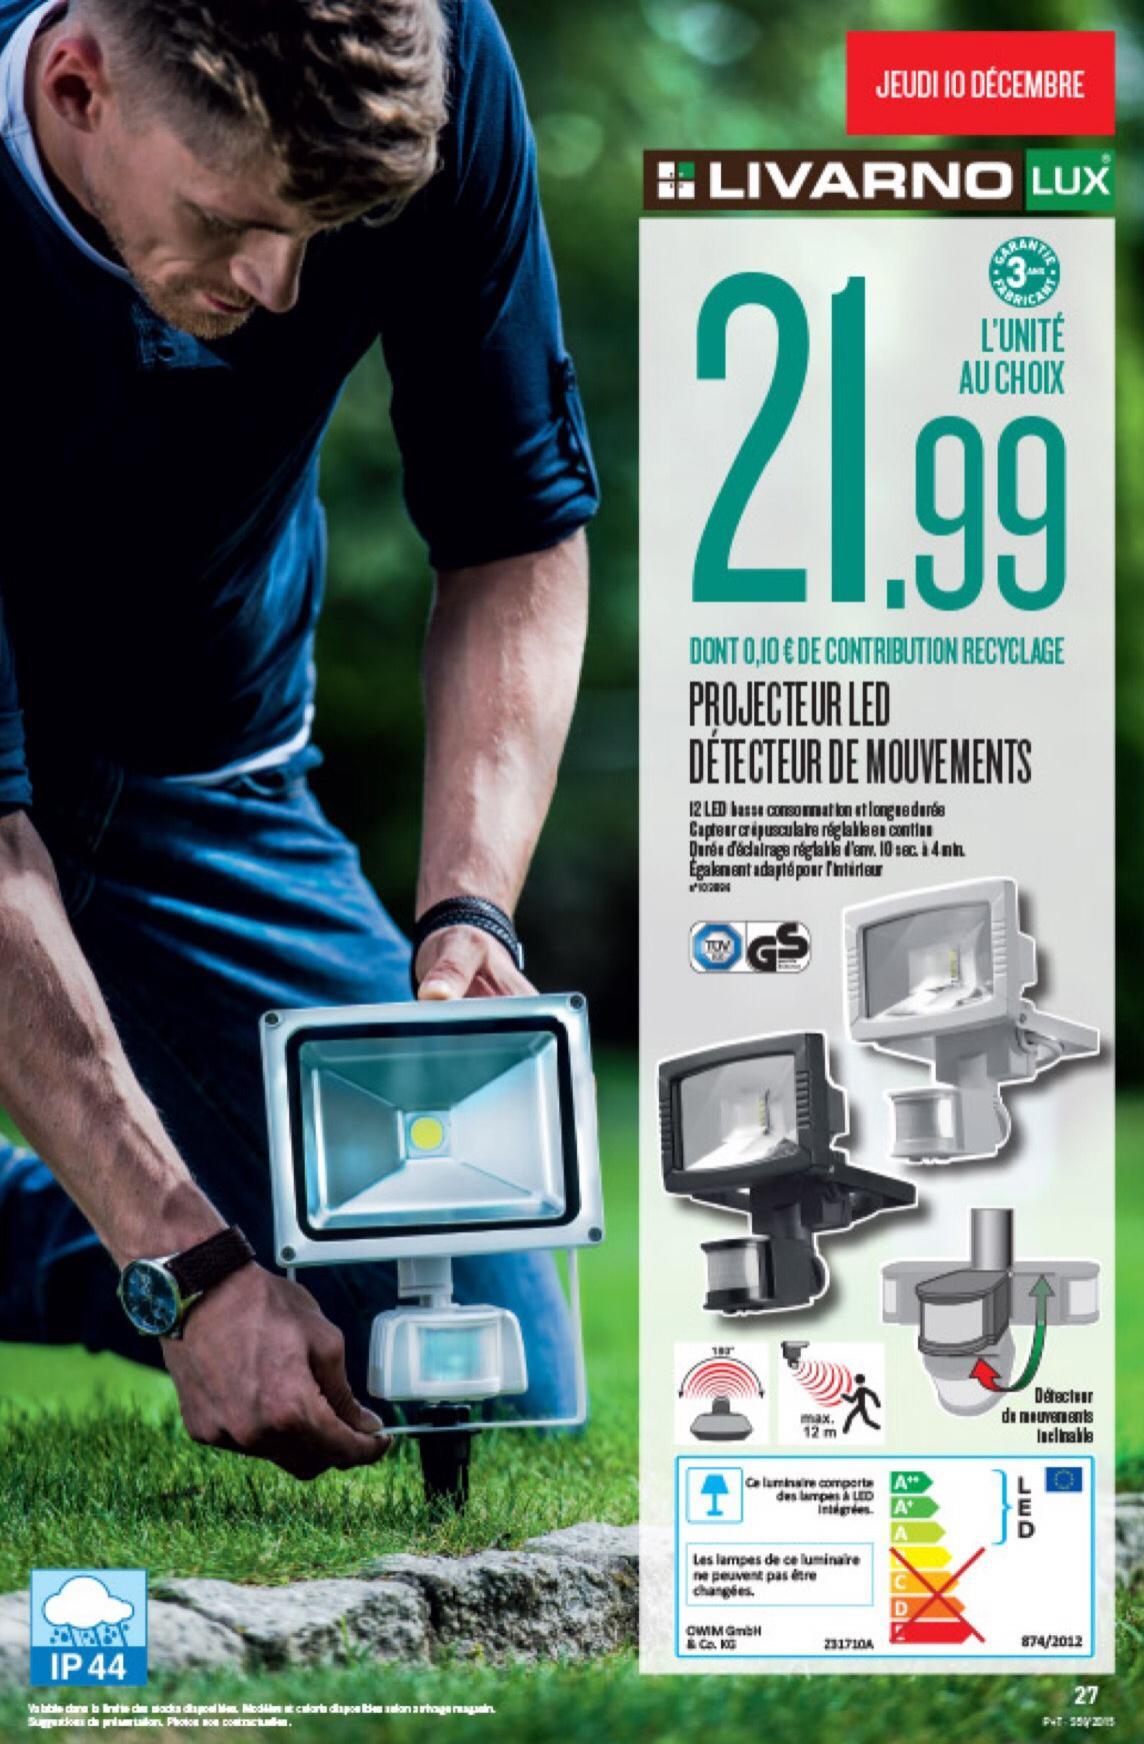 Projecteur LED détecteur de mouvements